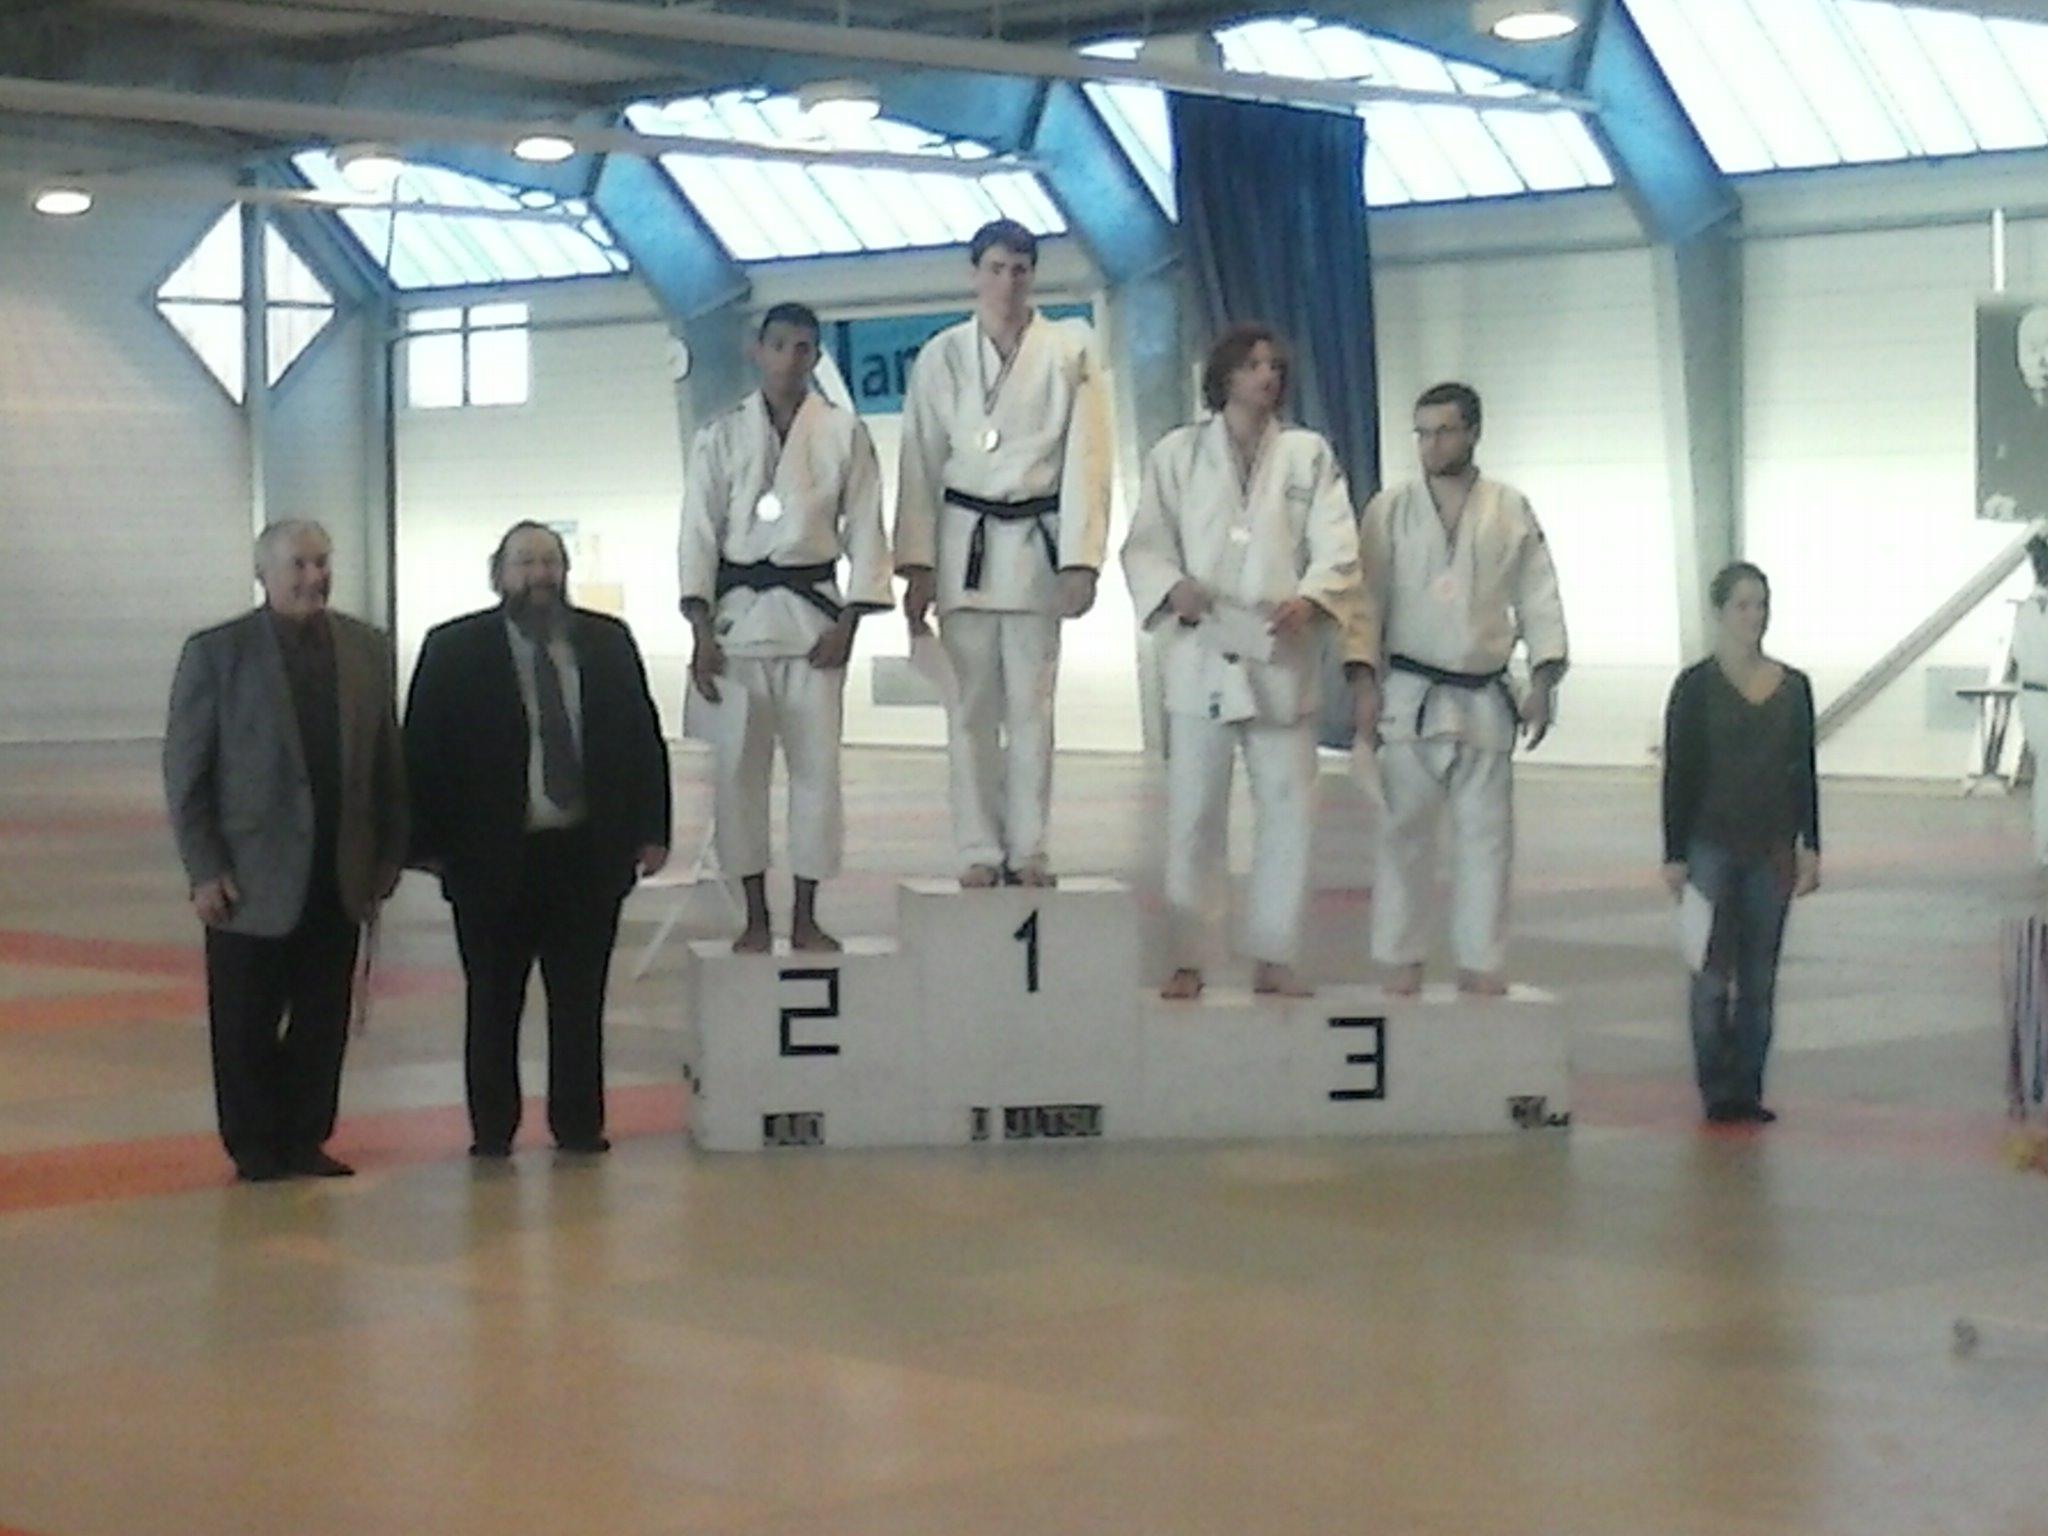 Judo-Club Le Poiré sur Vie Vendée 85 - Championnat Loir Atlantique Nantes 44 2013